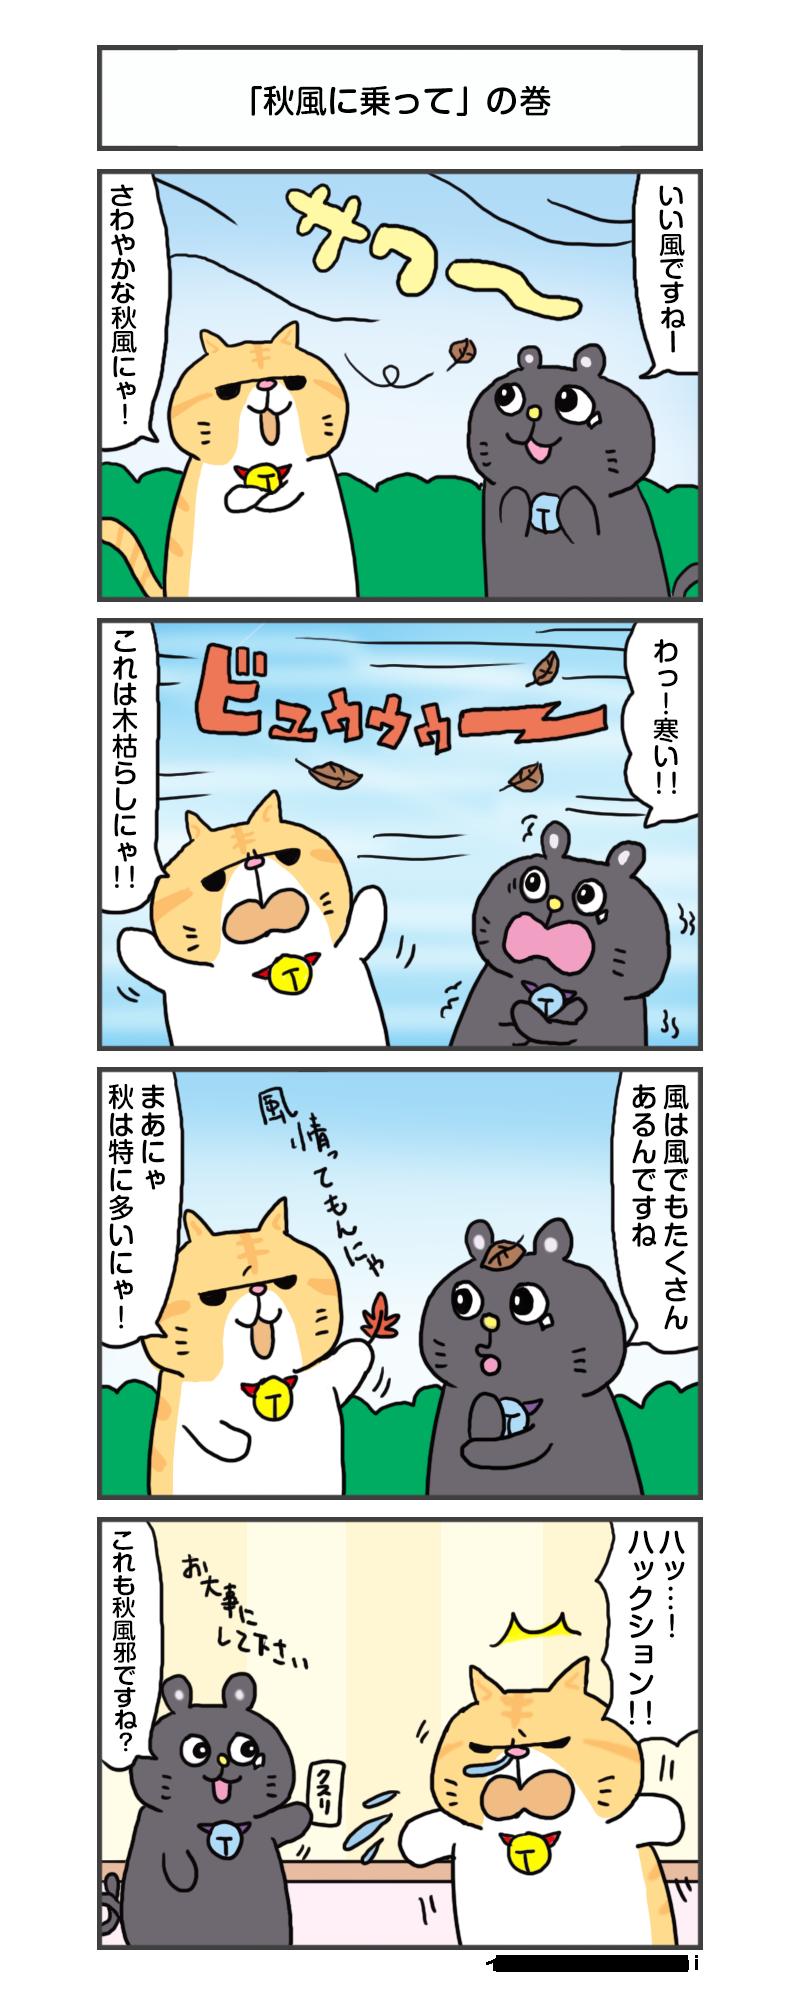 縺医″縺昴y縺・anga_vol.222